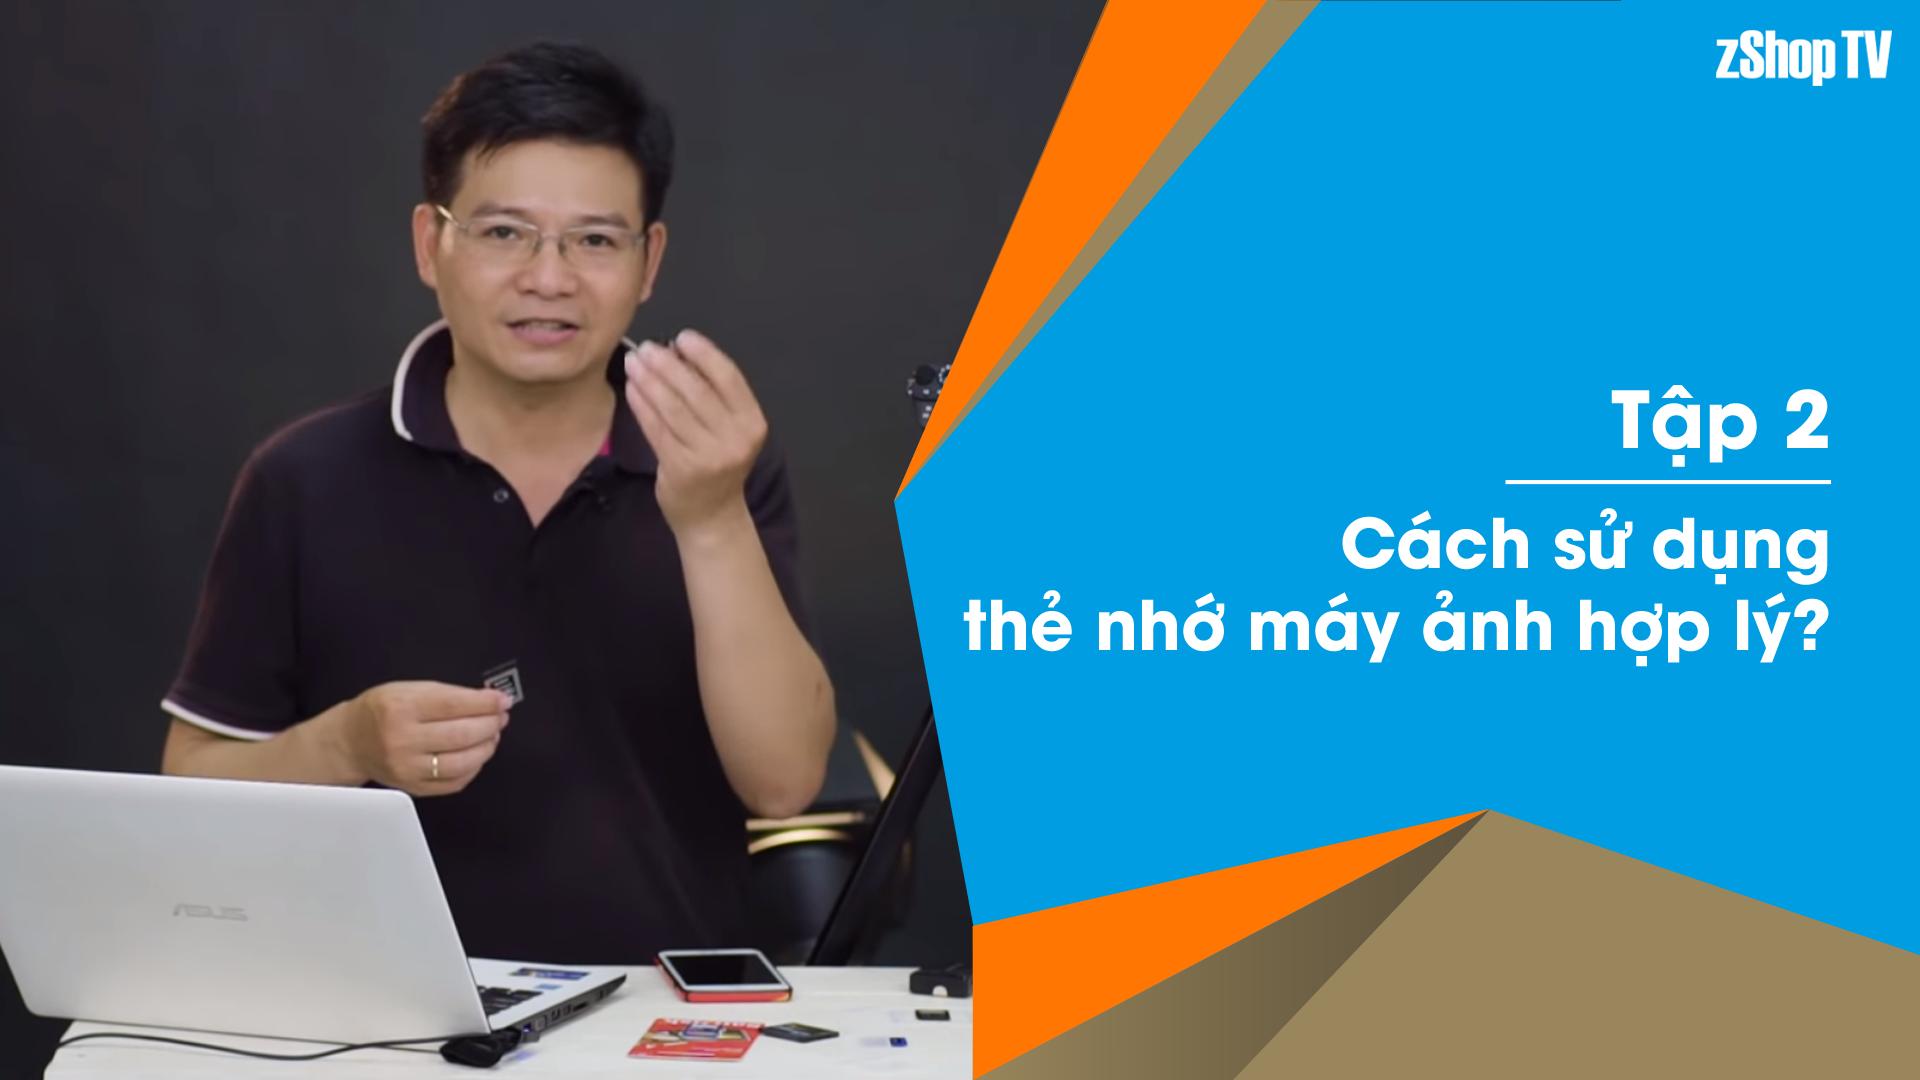 Dr Thanh – Giải Đáp Máy Ảnh | Tập 02: Cách sử dụng thẻ nhớ hợp lý?